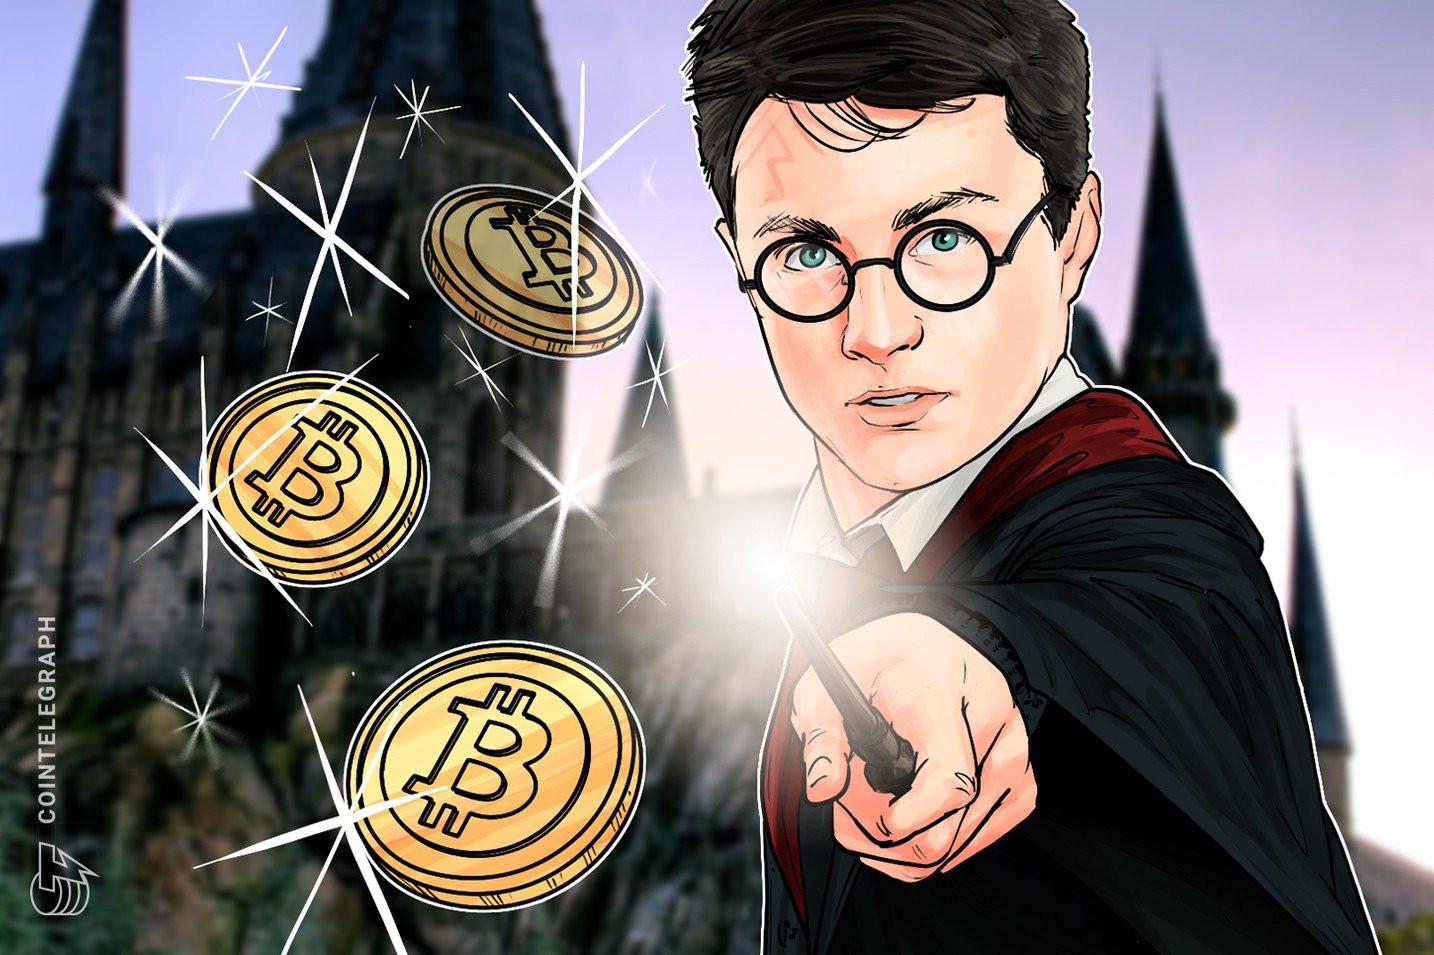 『ハリポタ』作者「ビットコインって何?」、 沸き立つ仮想通貨業界 | イーロン・マスク氏やヴィタリック氏らがチャレンジ